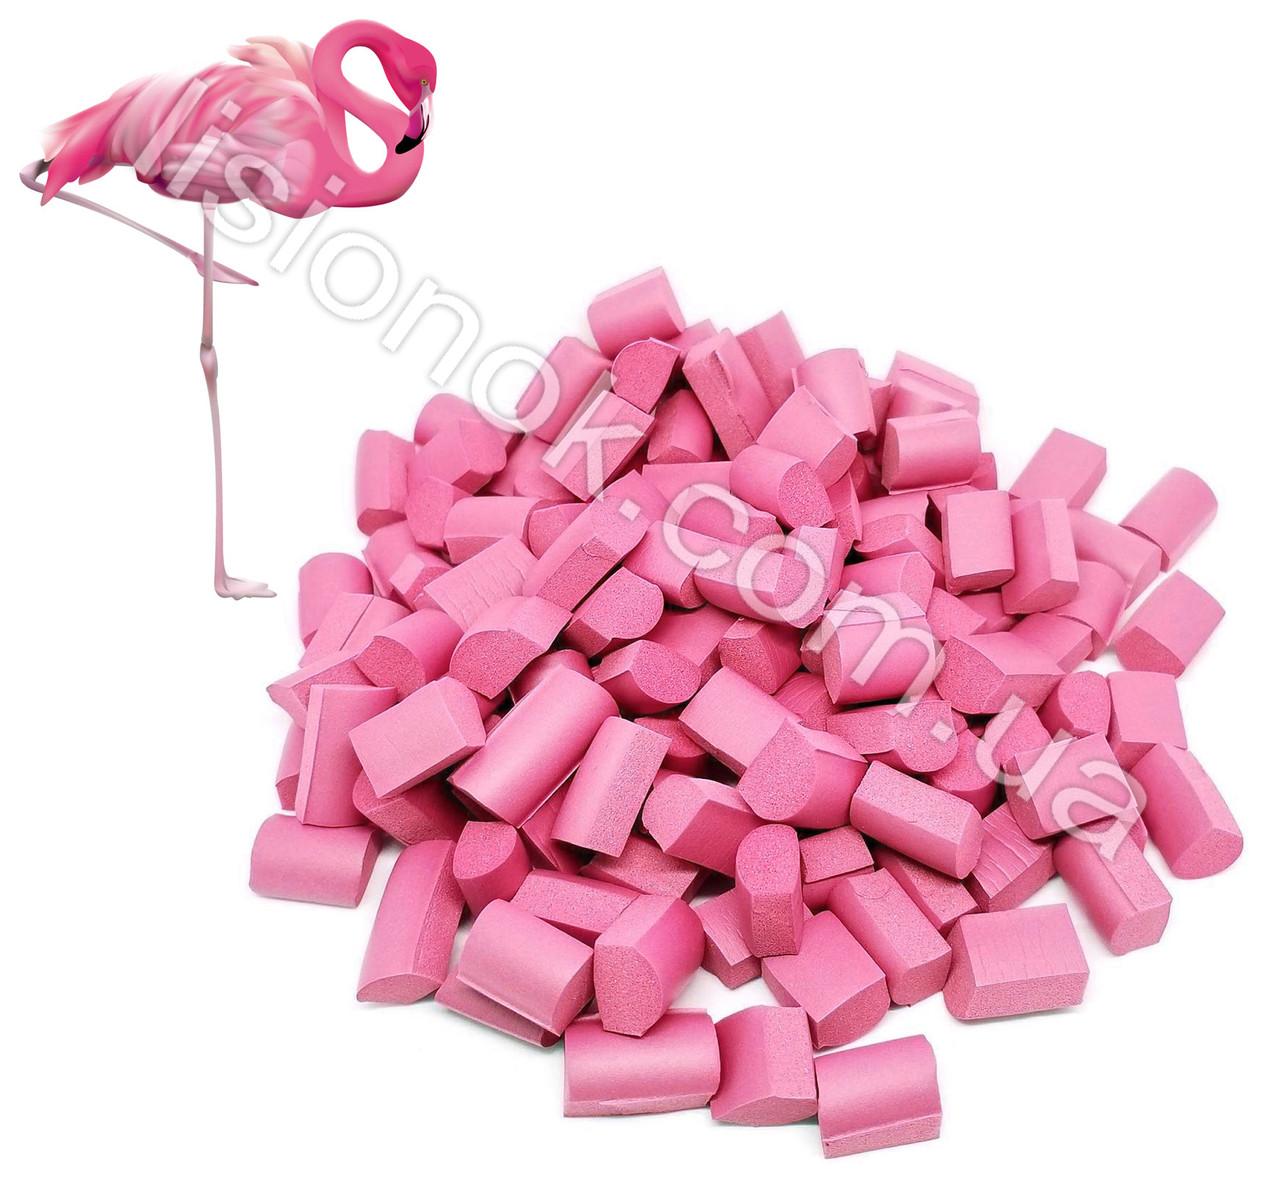 Фламинго Foam Chunks (фоам чанкс), американские добавки для слаймов